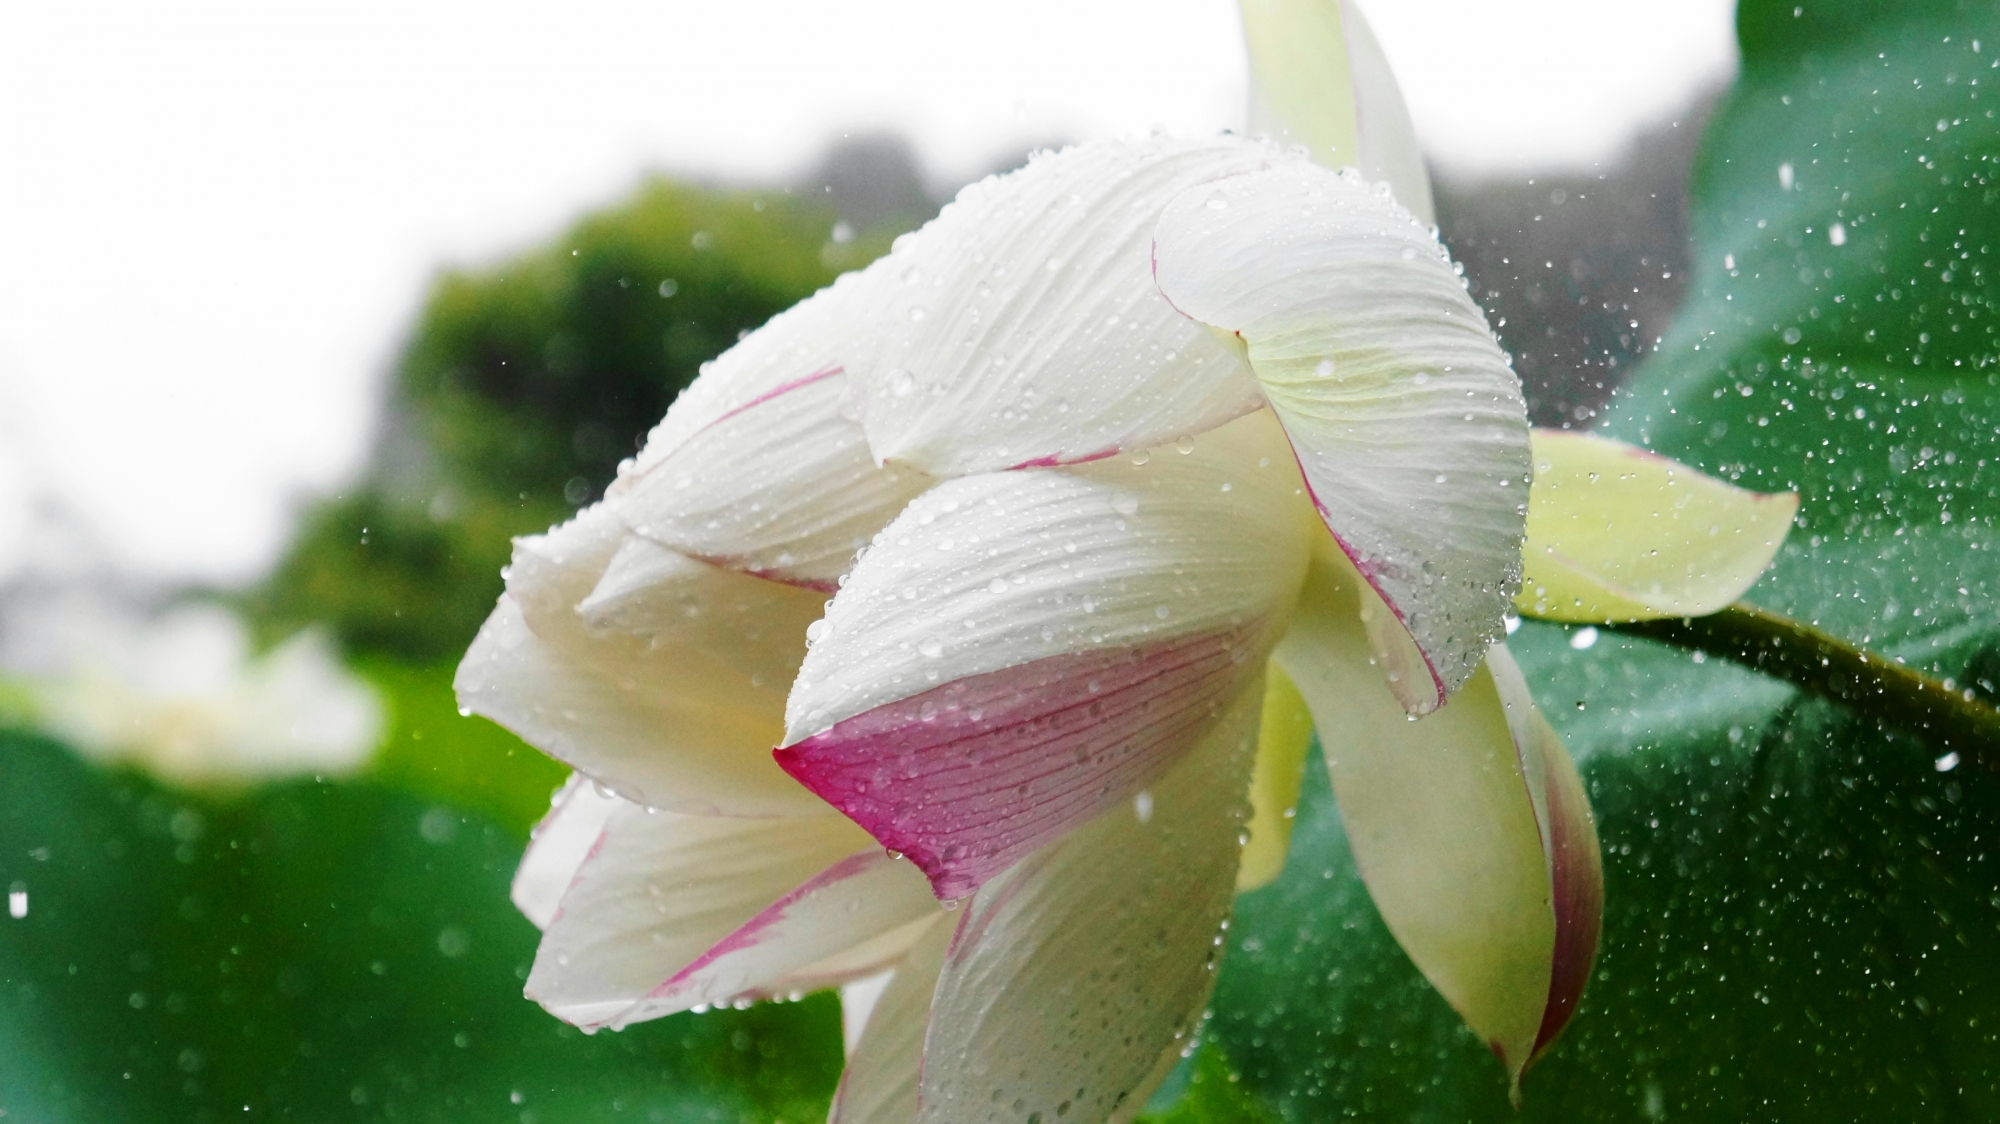 雨が強くあたる法金剛院の蓮の花